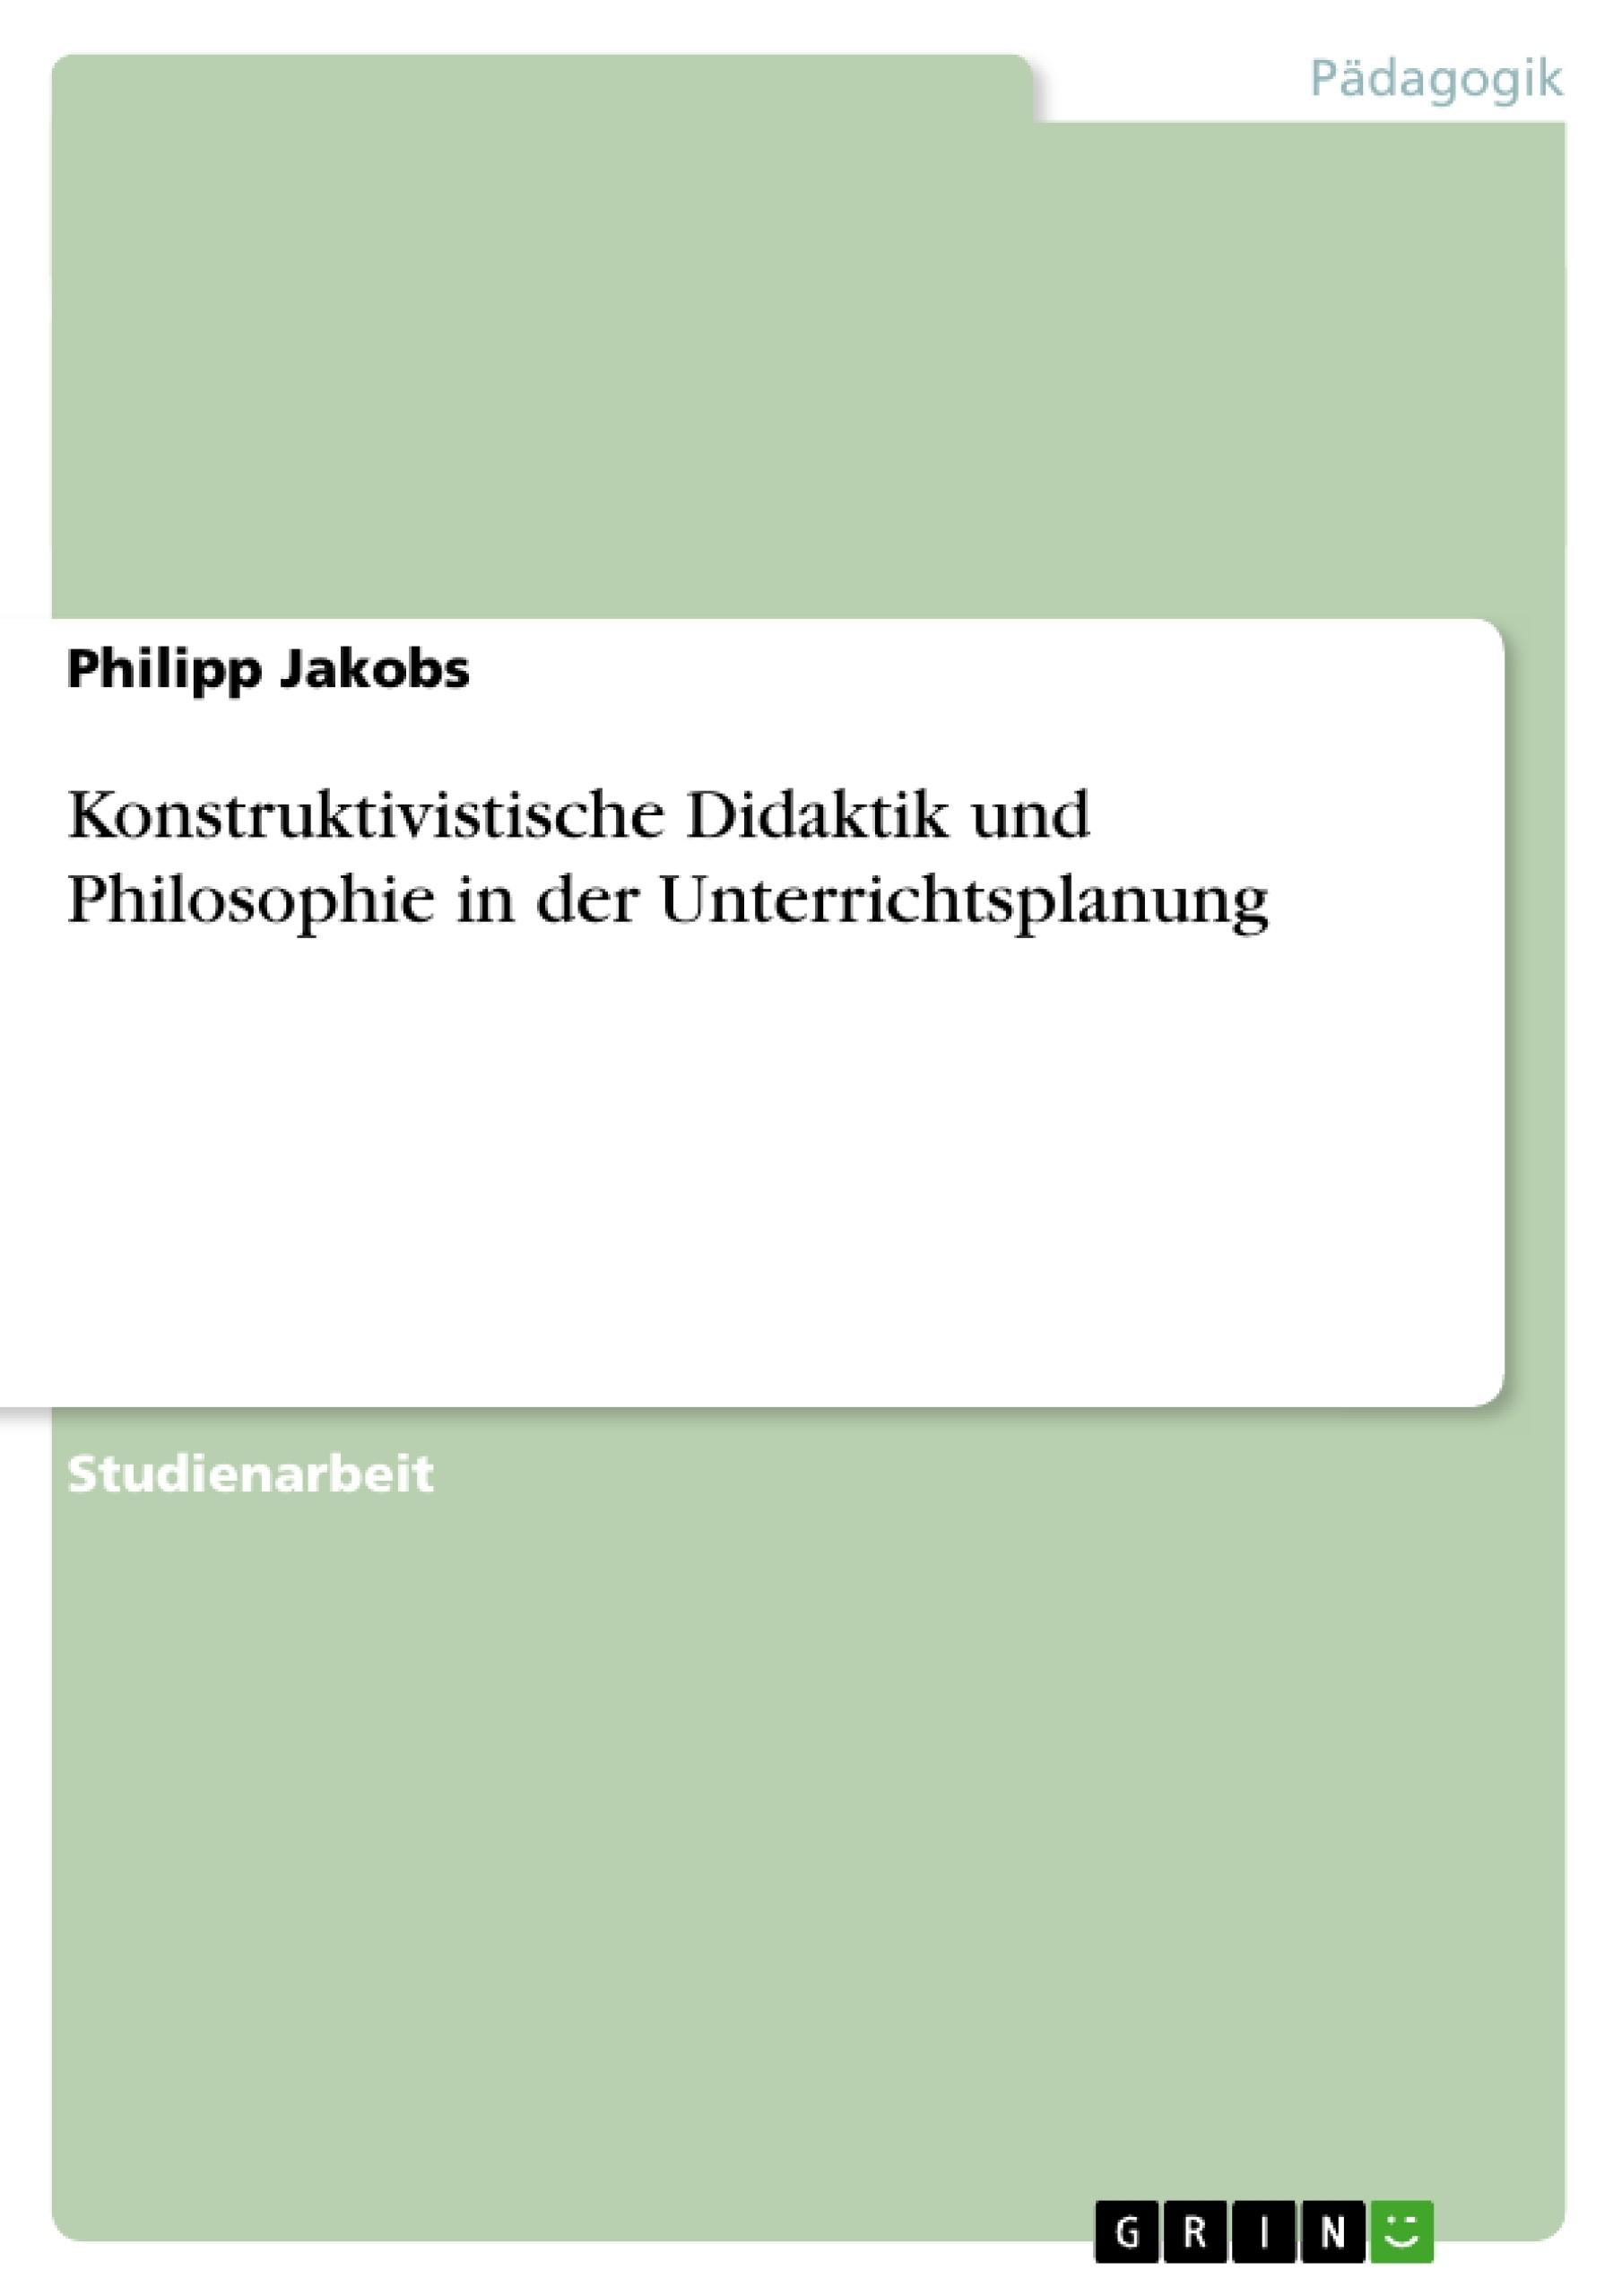 Titel: Konstruktivistische Didaktik und Philosophie in der Unterrichtsplanung